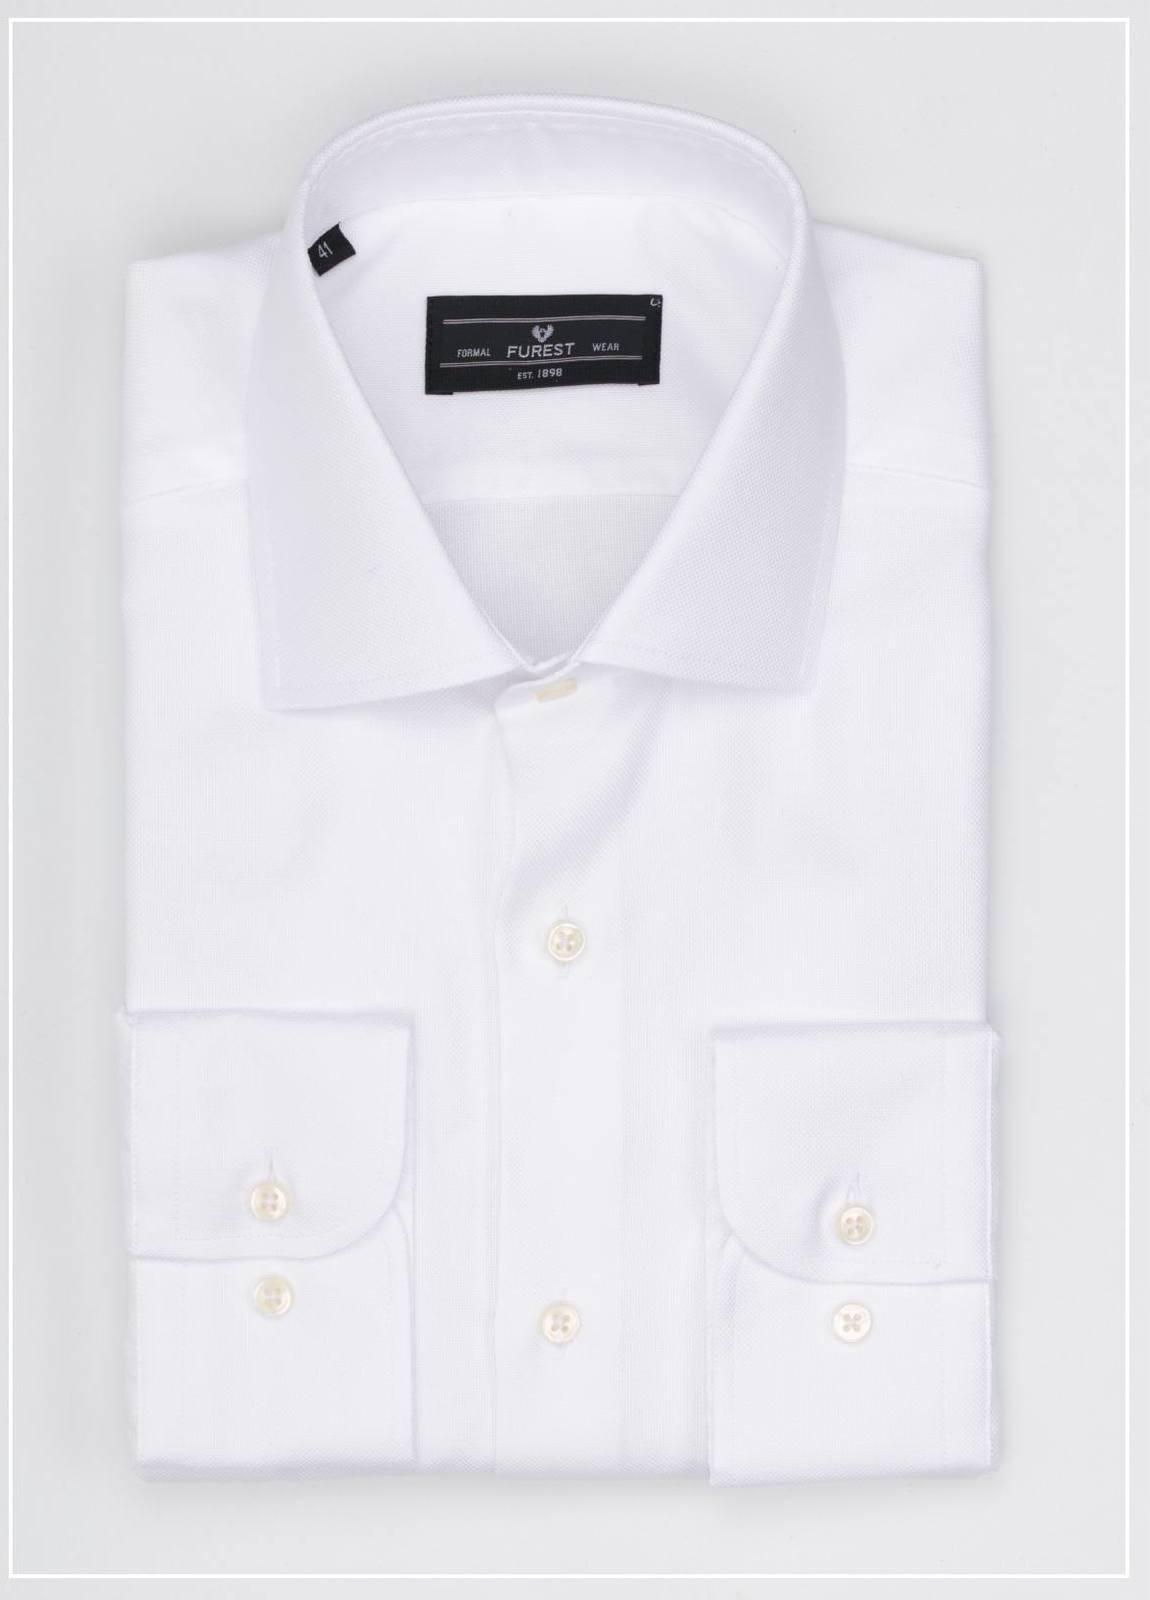 Camisa Formal Wear REGULAR FIT cuello italiano modelo NAPOLI tejido micrograbado color blanco, 100% Algodón.